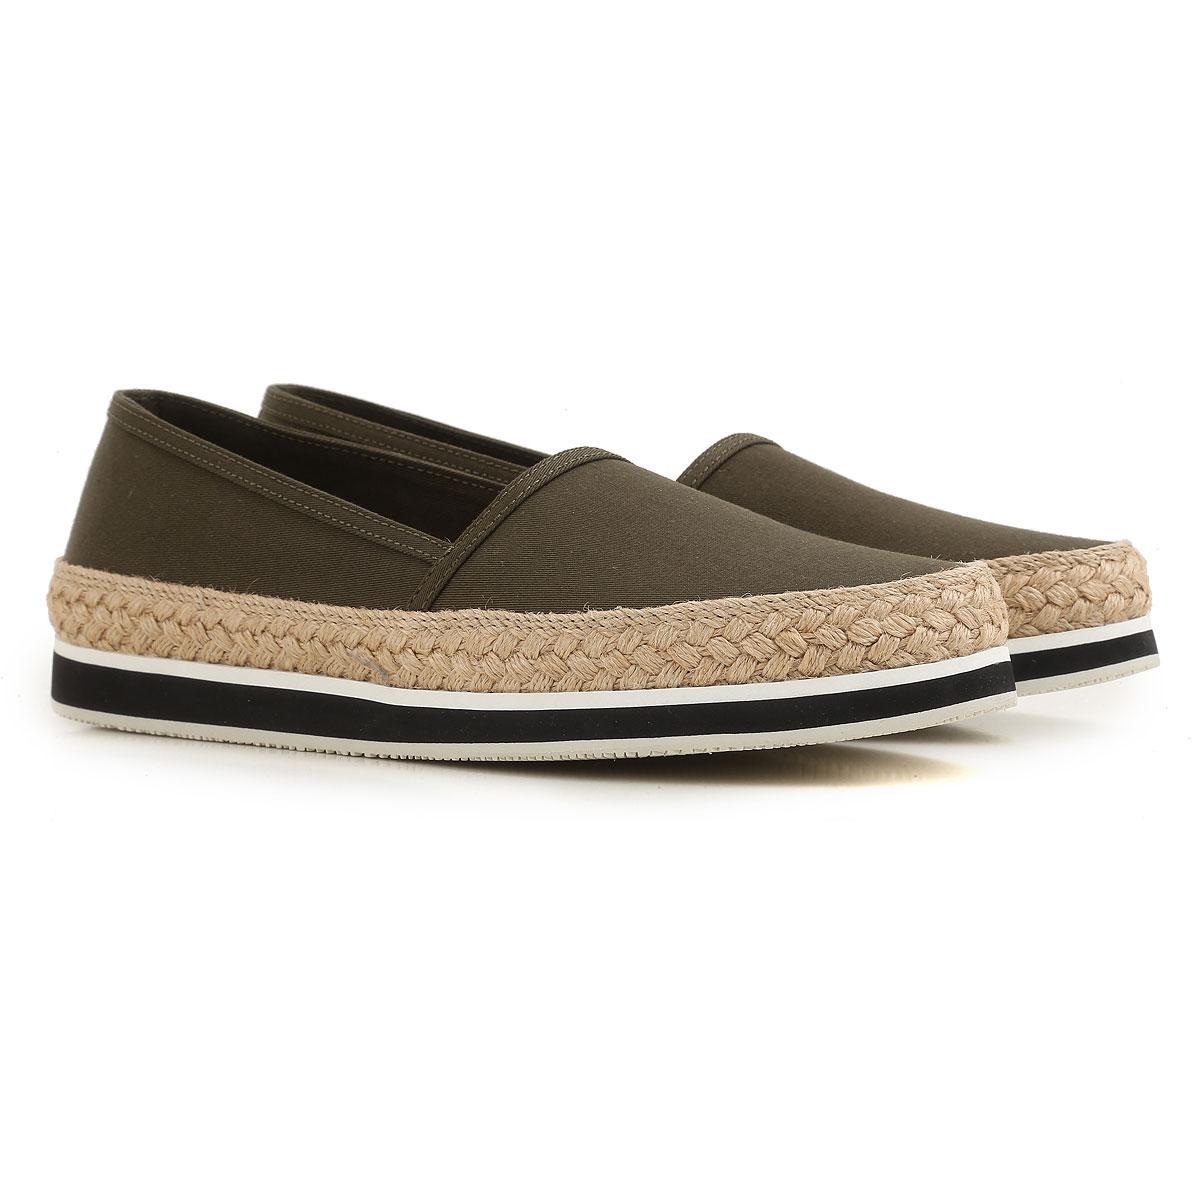 Lyst - Prada Slip On Sneakers For Women On Sale In Outlet in Green 61f376dee1